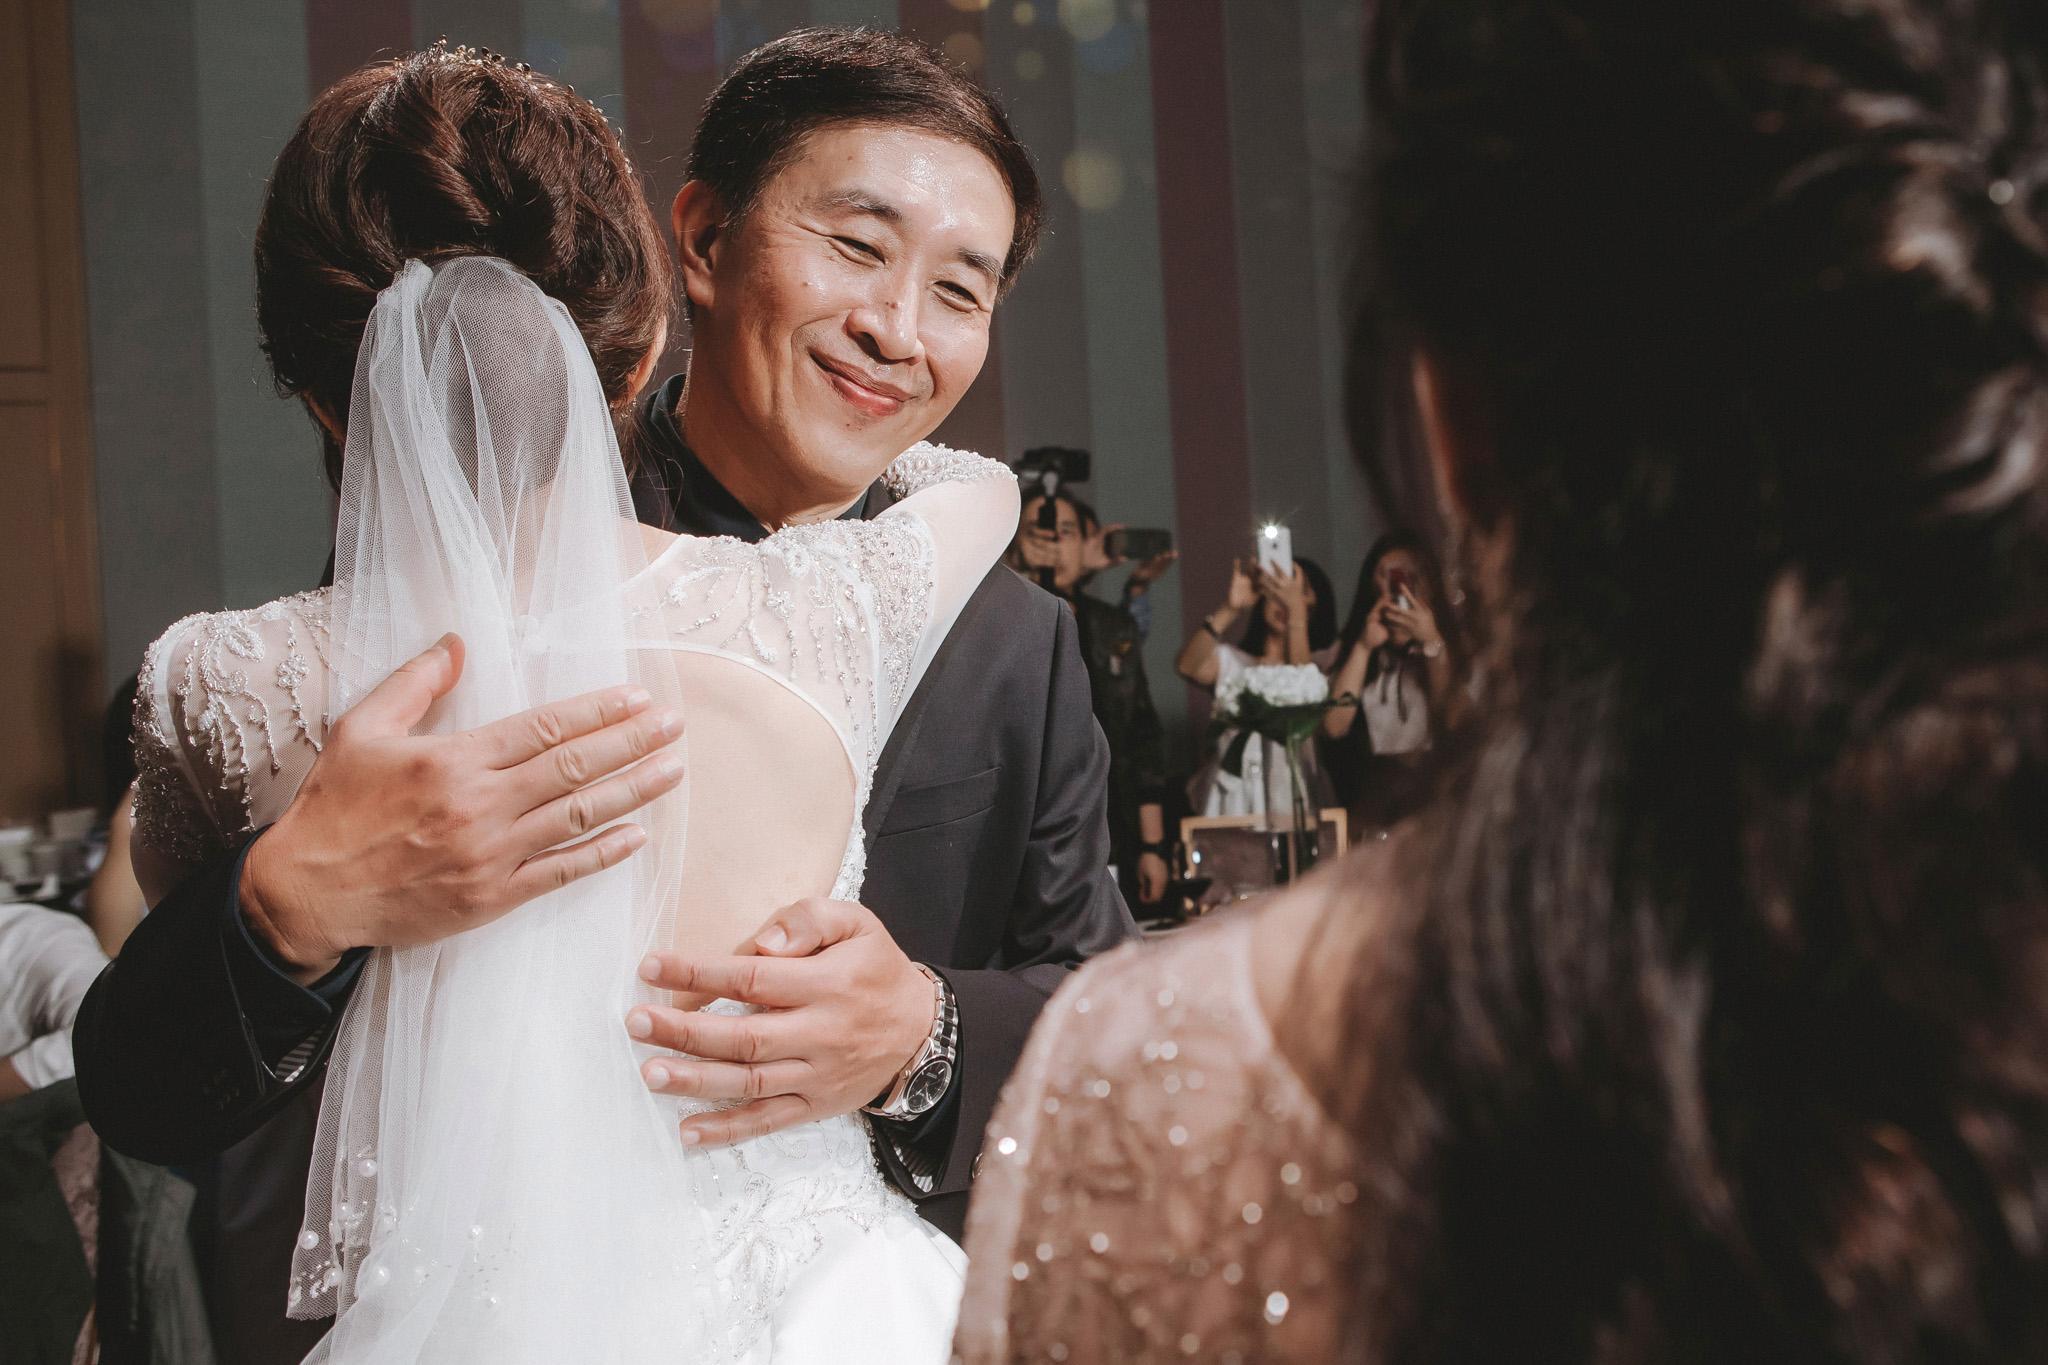 EW 居米 台北婚宴 台北婚紗 台北婚攝 國泰萬怡 台北婚禮 -24